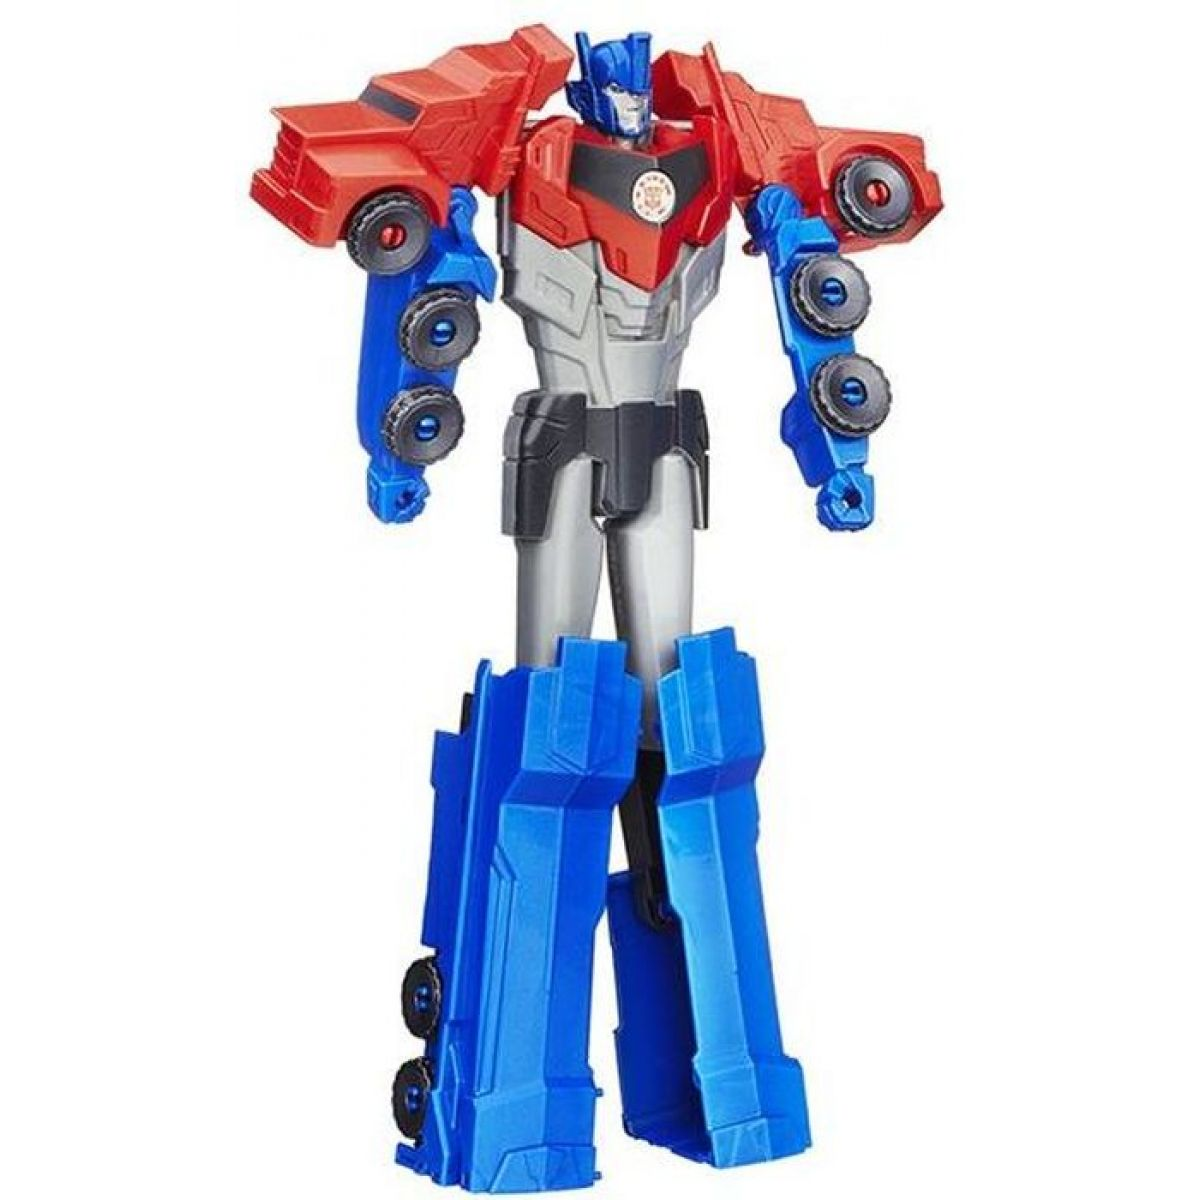 Transformers RID transformace ve 4 rychlých krocích - Optimus Prime